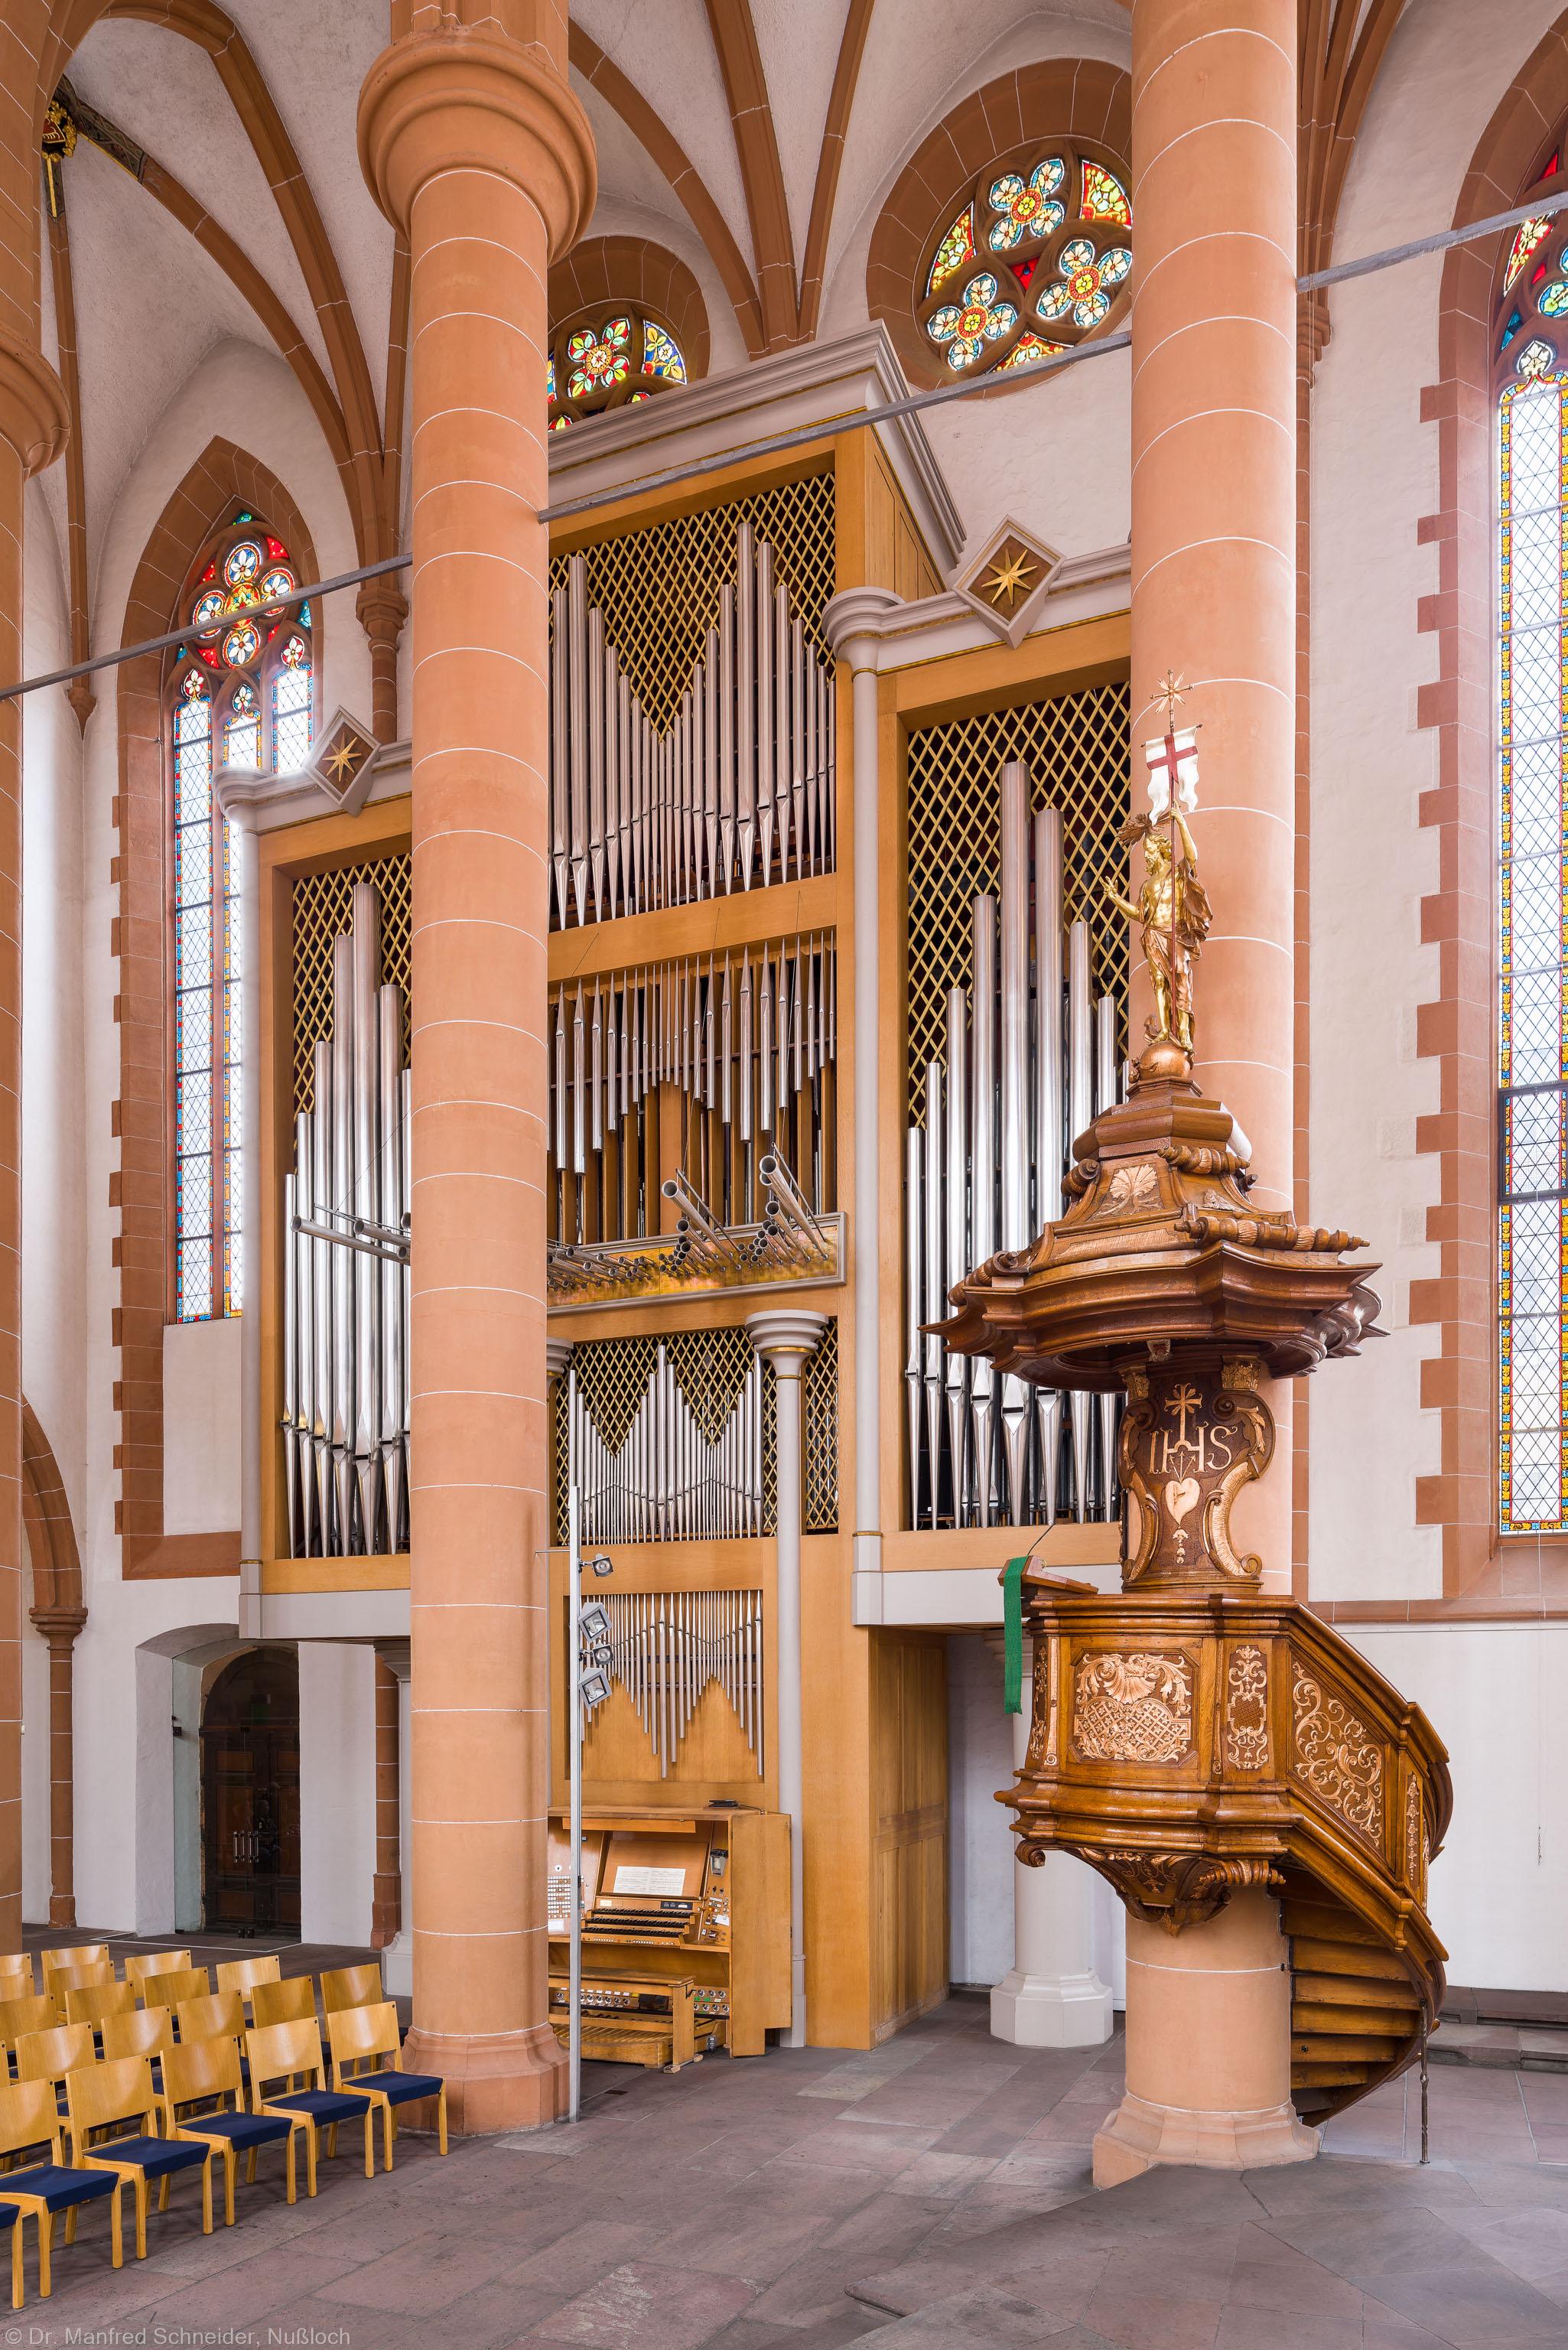 Heidelberg - Heiliggeistkirche - Chor - Hauptorgel - Blick vom Altar auf die Kanzel und die Chororgel, erbaut von Steinmeyer 1980 bis 1993 (aufgenommen im Oktober 2014, am Nachmittag)